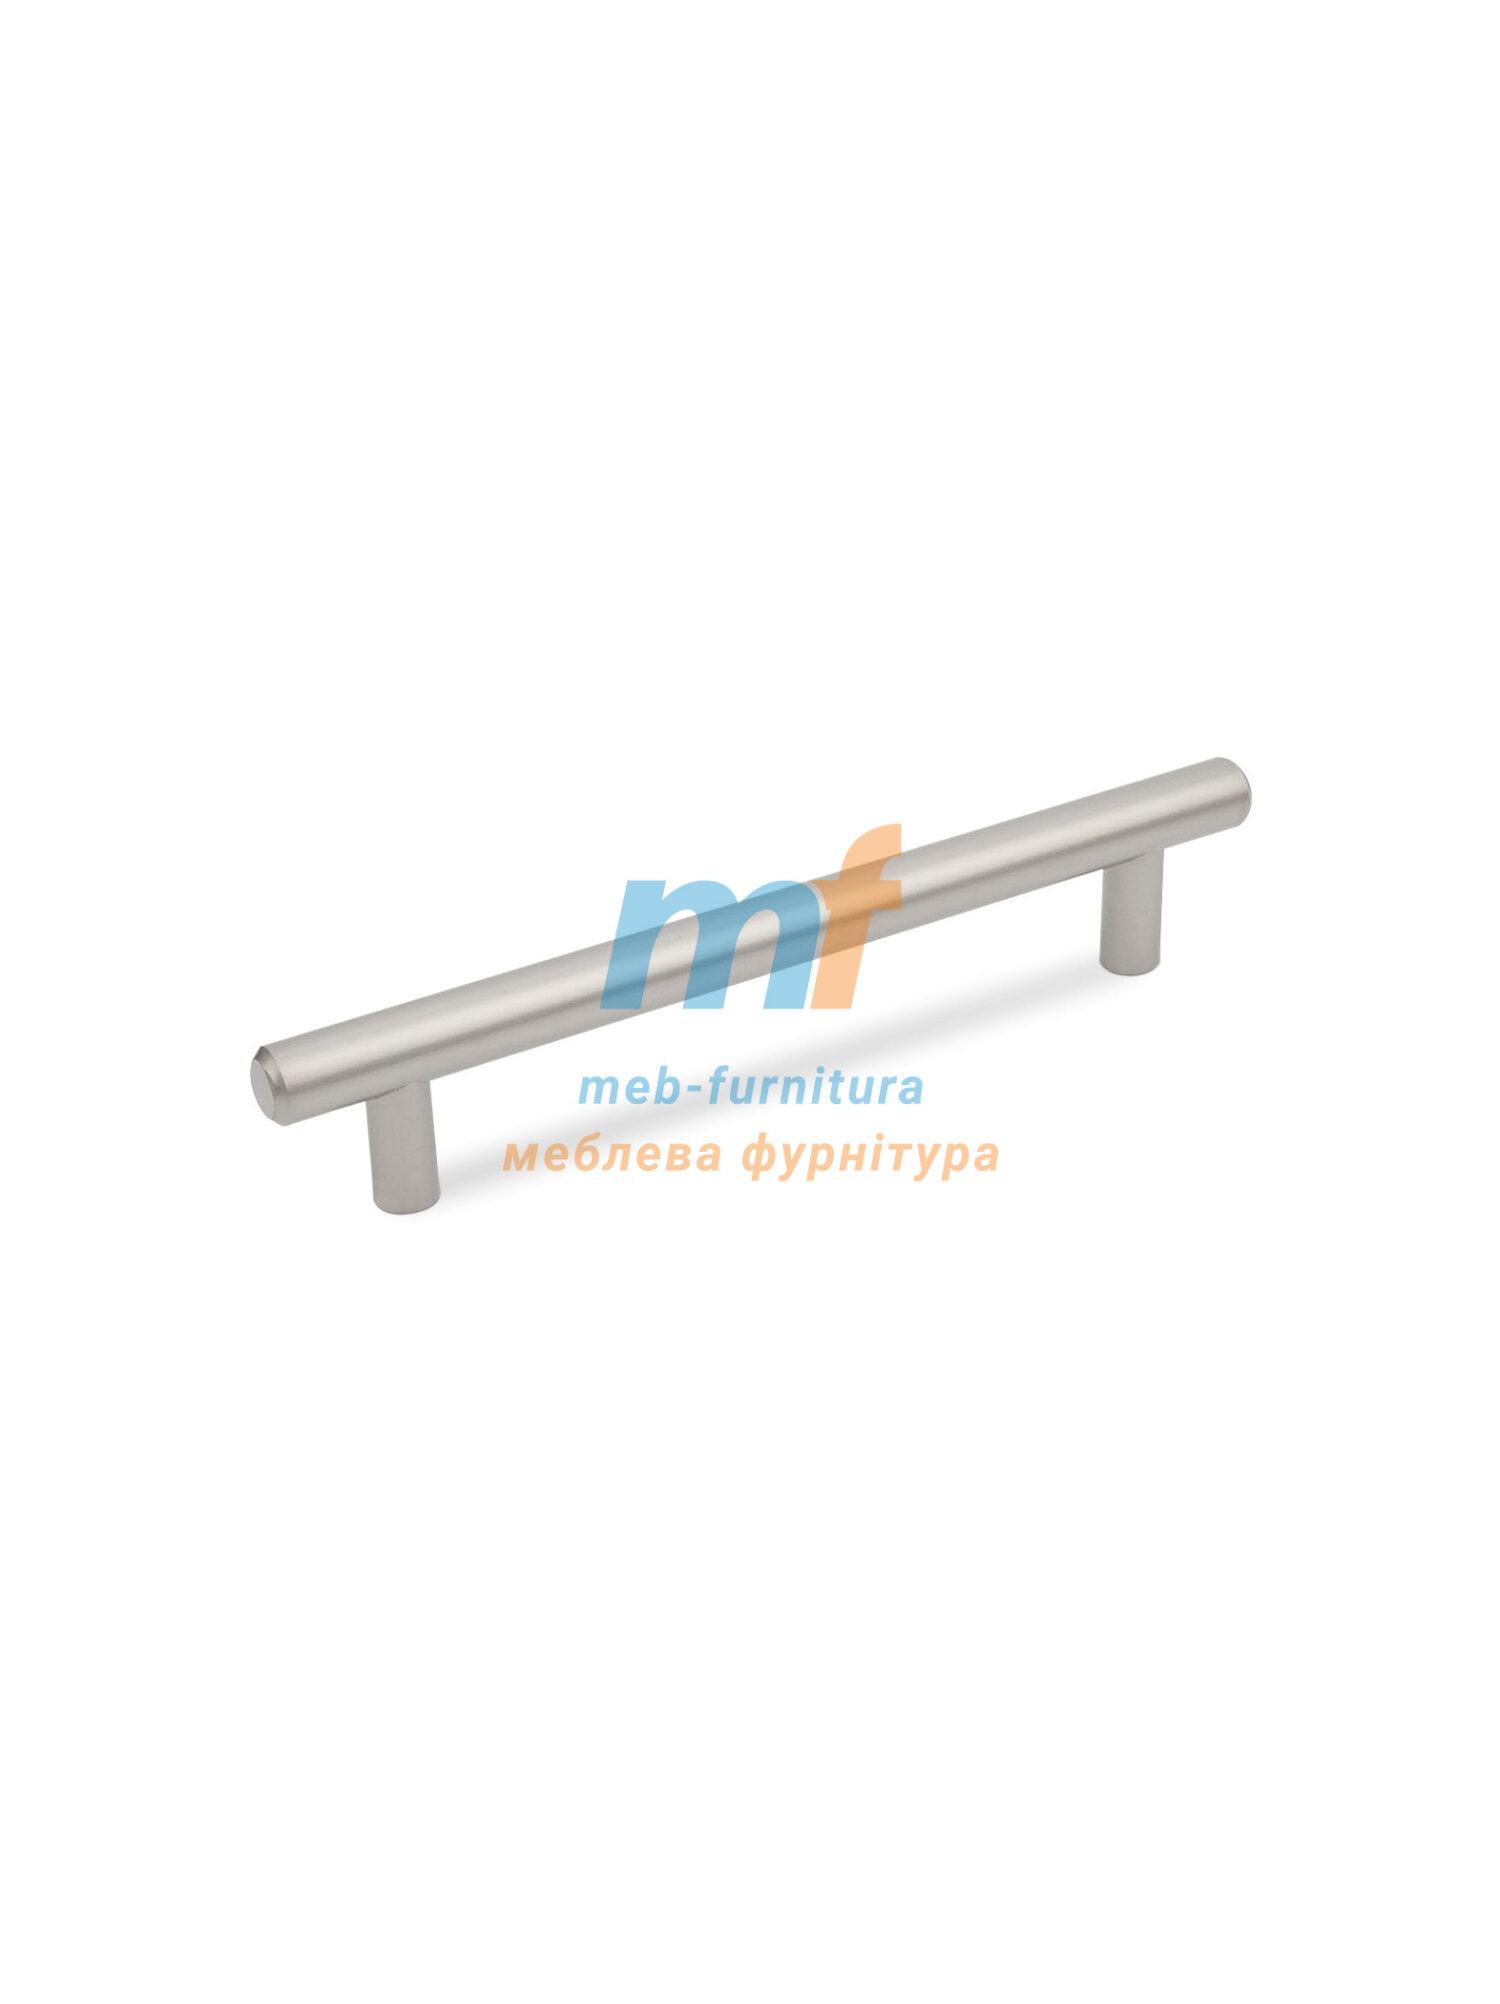 Ручка мебельная релинг 224мм - сатин